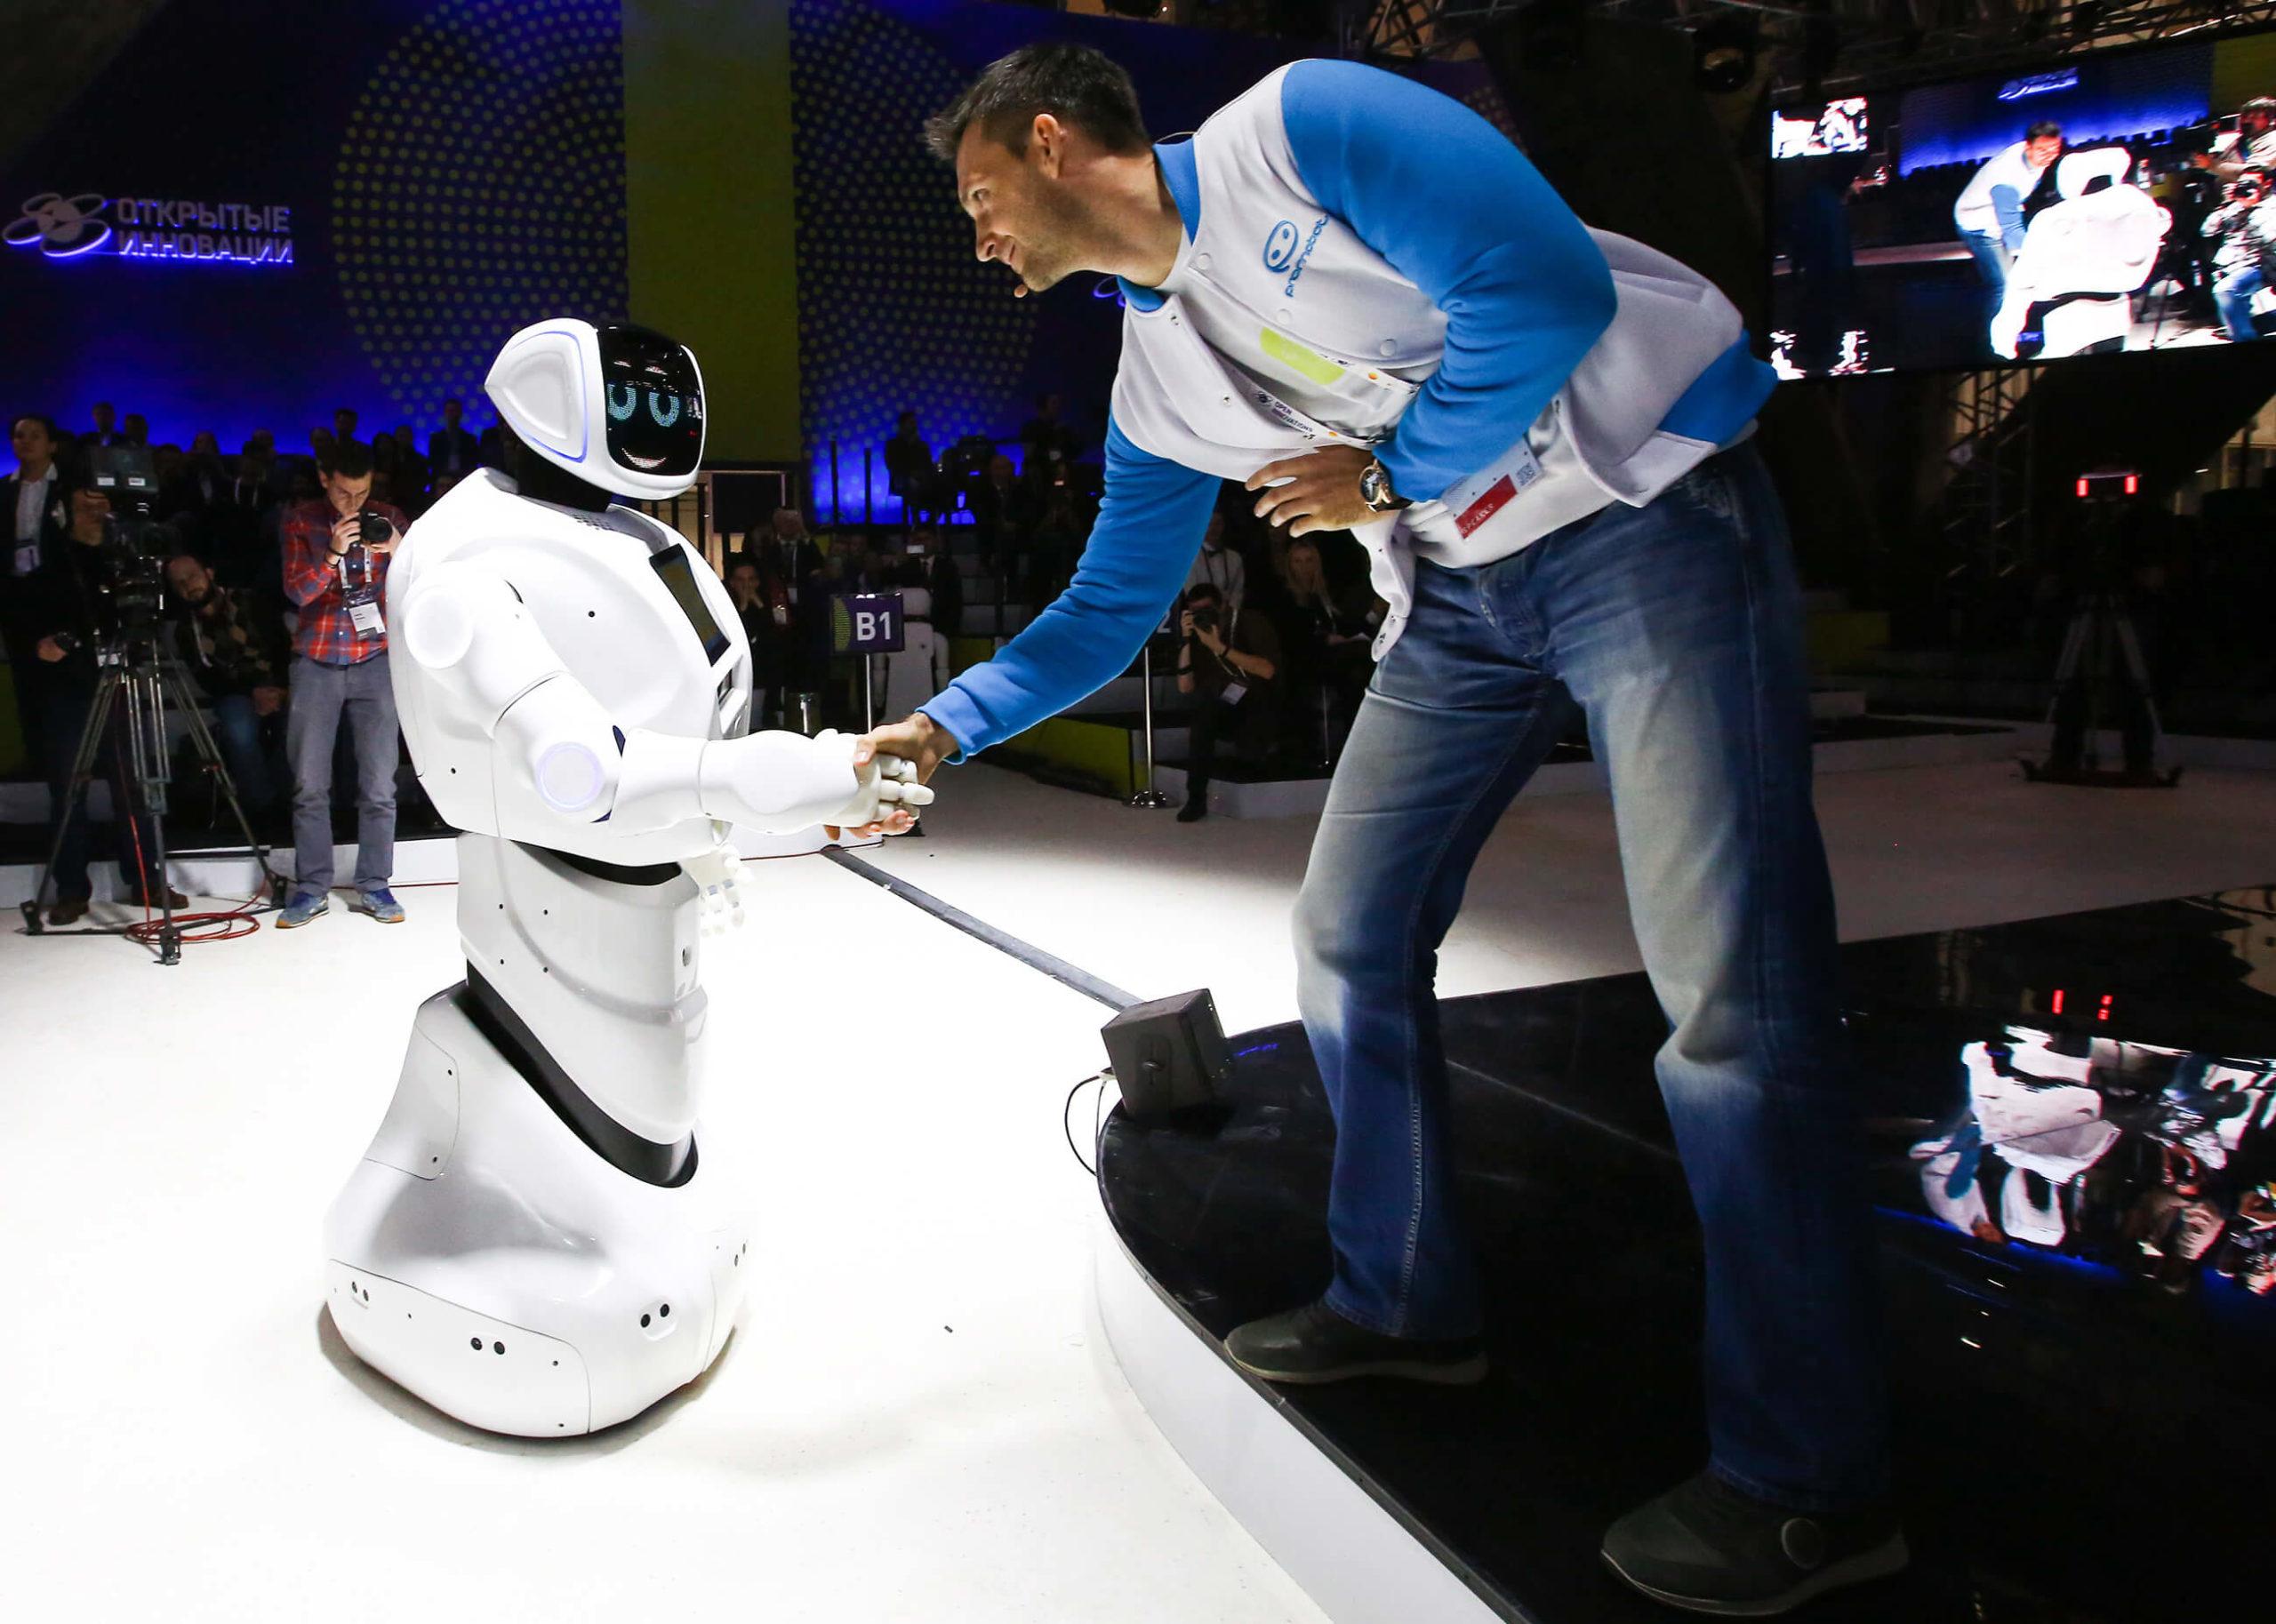 Россиянам пора бежать из страны — почему искусственный интеллект предложил такое?